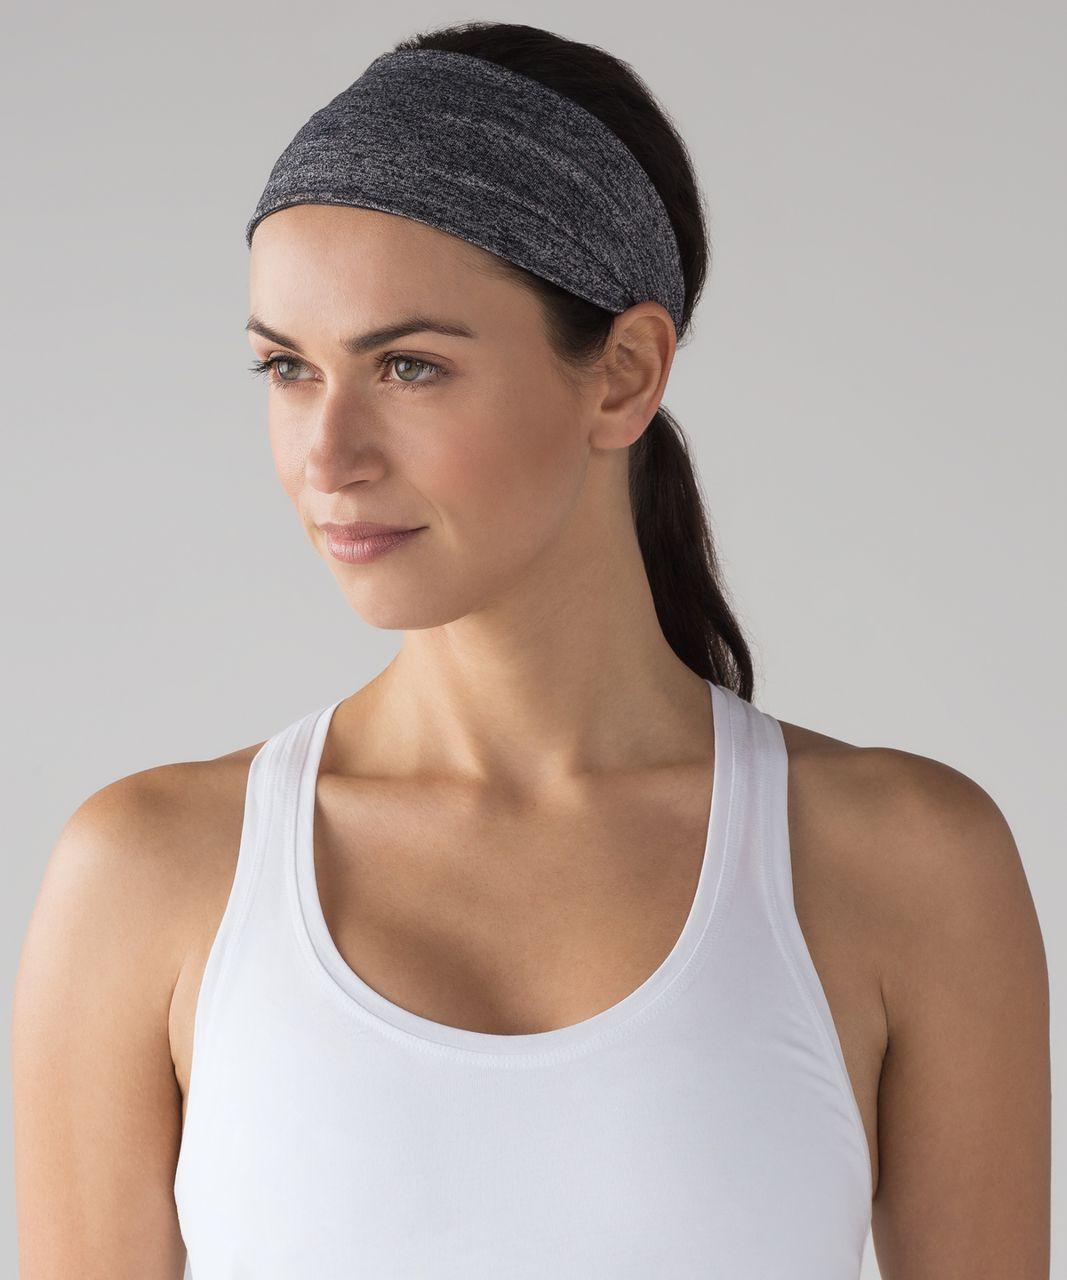 Lululemon Fringe Fighter Headband - Heathered Black / Heathered Black